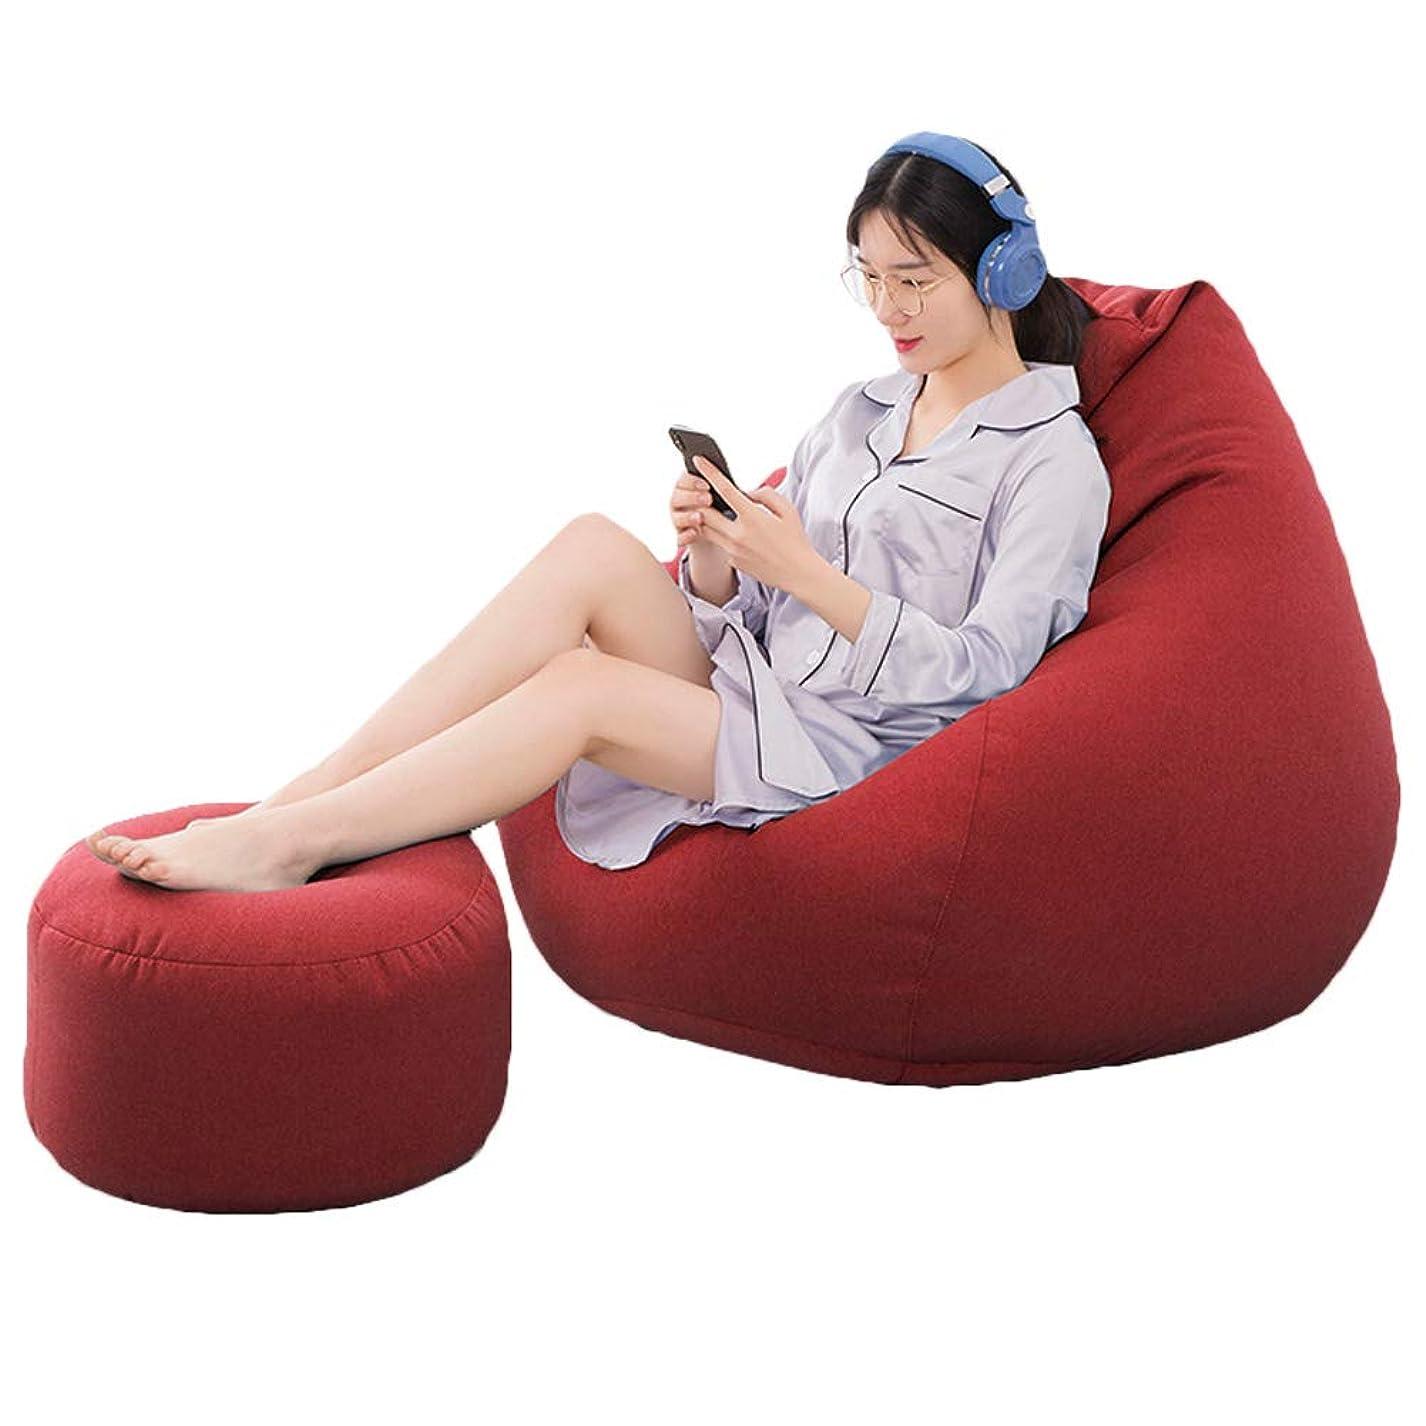 ビーズクッション 座椅子 ビーズソファ ダメにする 足枕が付くセット カバー取り外し洗濯可能 無地 リラックス